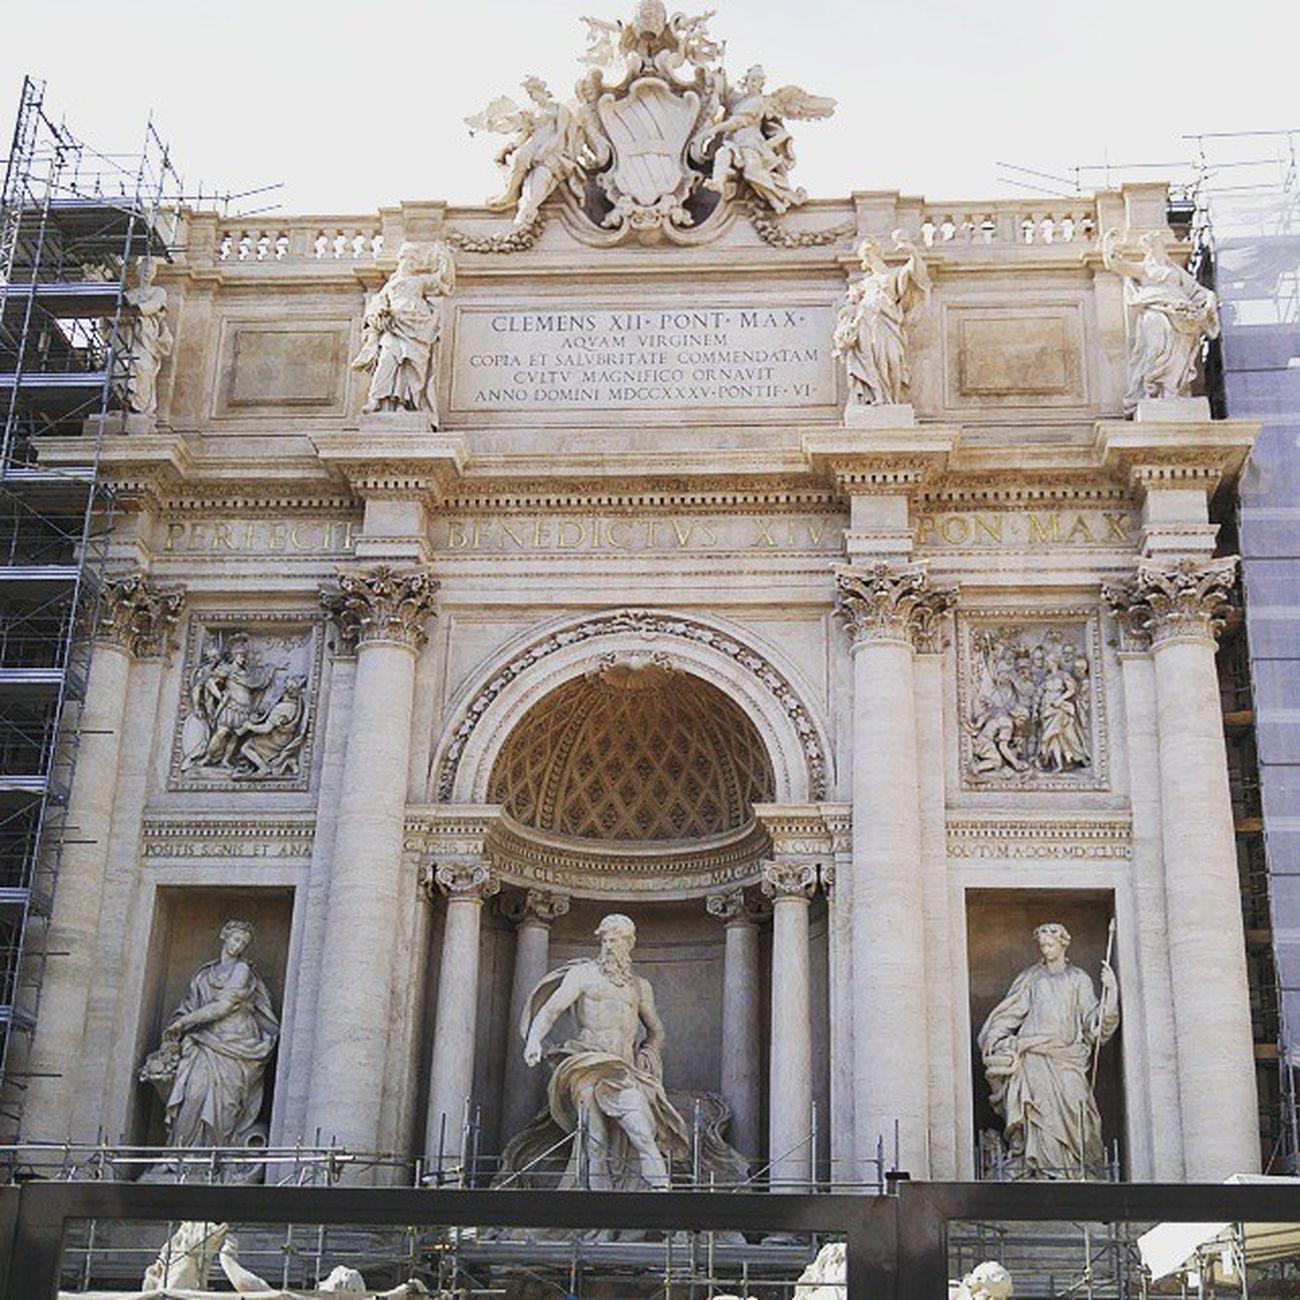 어흑...트레비 공사 중으로 너무 아쉬움... 분수는 생각보다 너무 컸고 그 주변의 광장은 생각보다 너무 작았고. 그래도 바닥에 동전은 많더라. Rome Roma Trevi 트레비분수 TreviFountain 로마